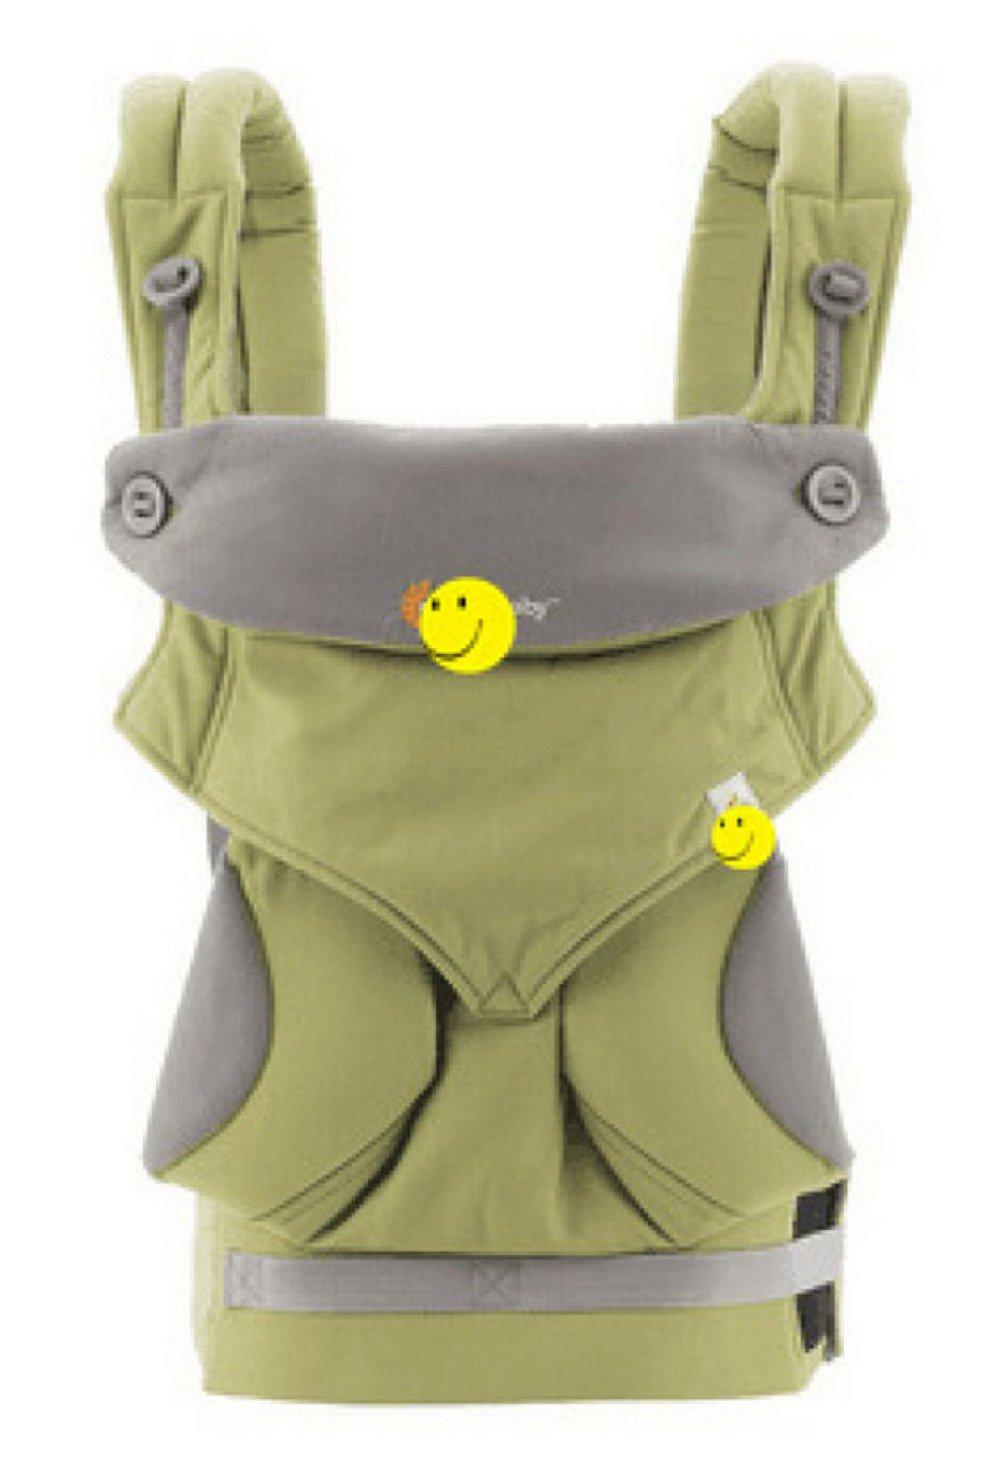 TUJHGF Baby Sling Sommer Atmungsaktiv Mesh Multifunktional Frontklemme,9